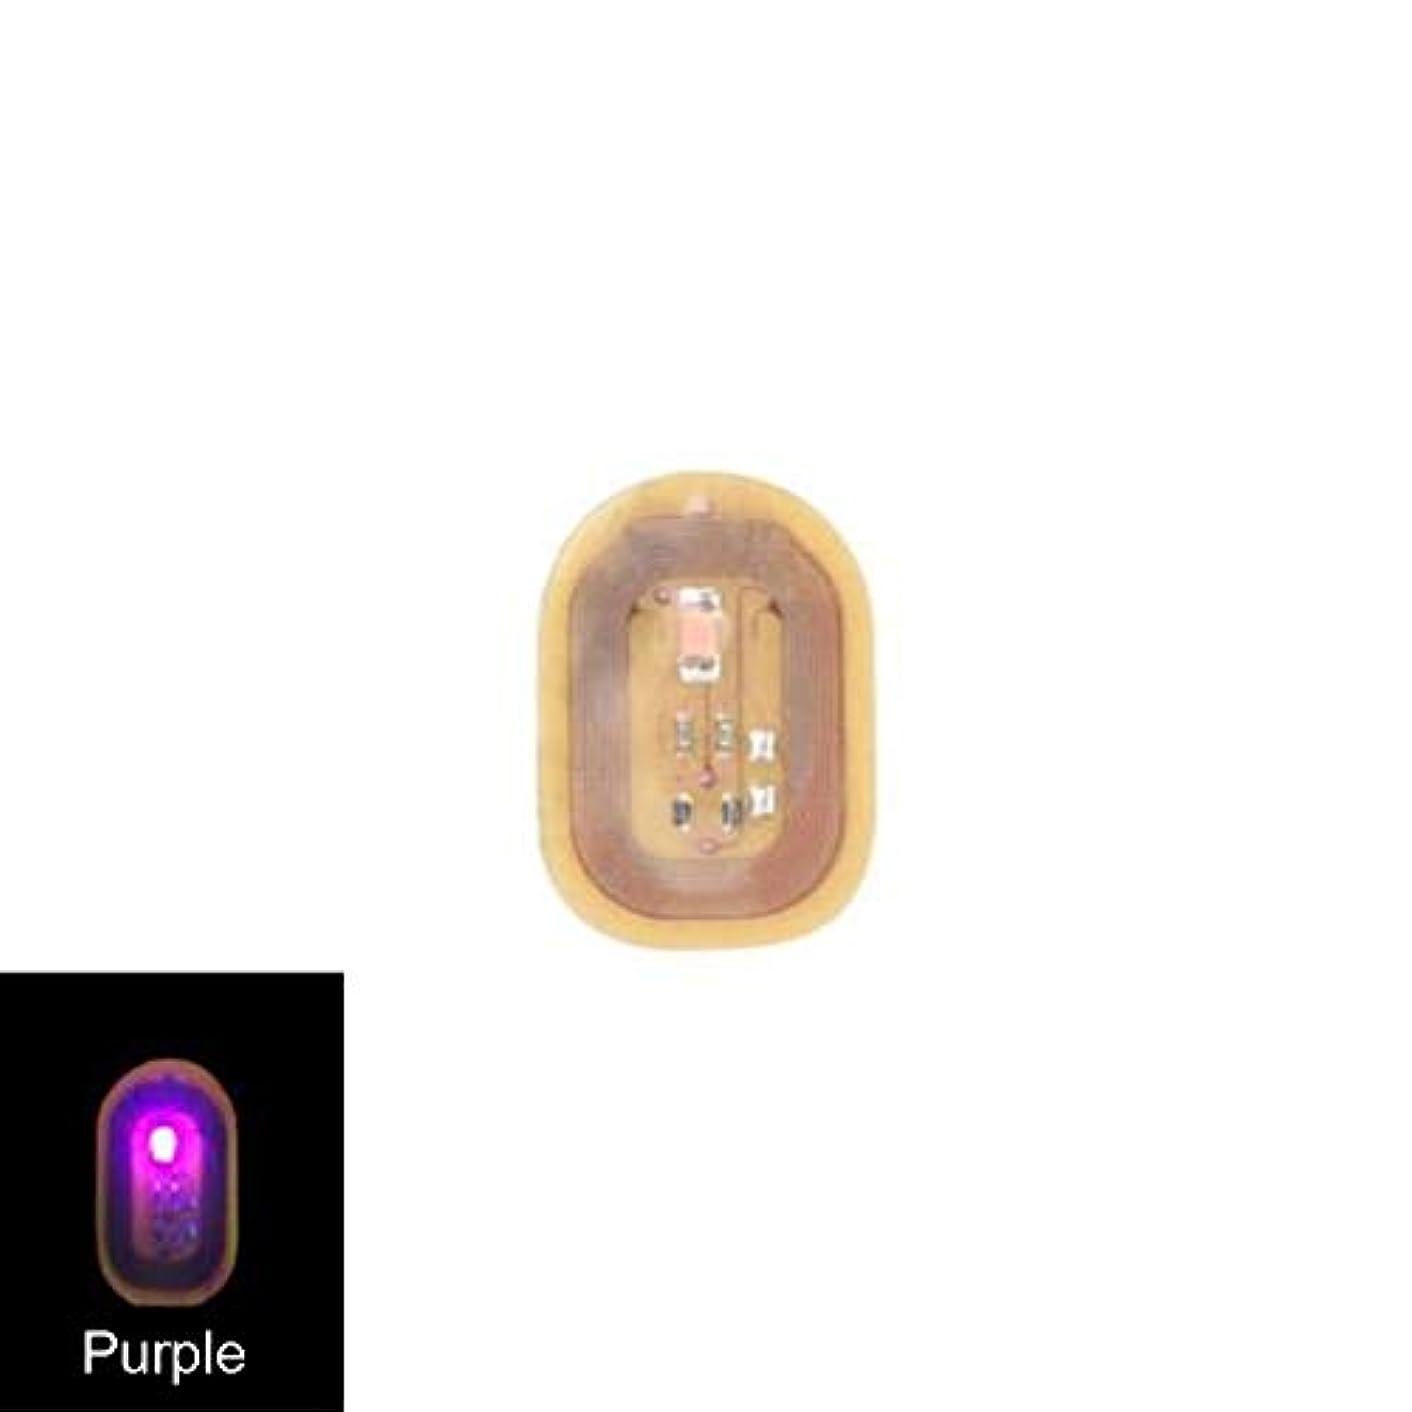 ソケットアシュリータファーマン予報ACHICOO ネイルステッカー NFC ネイルアート ヒント DIYステッカー 電話 LEDライト フラッシュパーティー デコレーション ネイルチップ 紫色の光